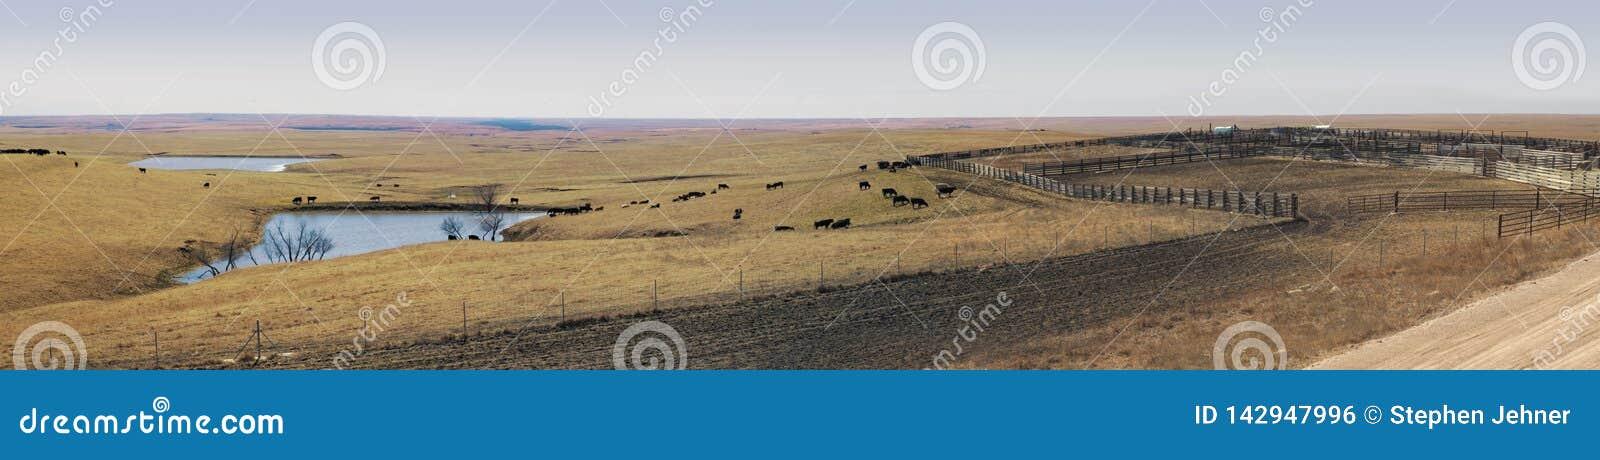 Vista panorâmico do ranching da Grandes Planícies